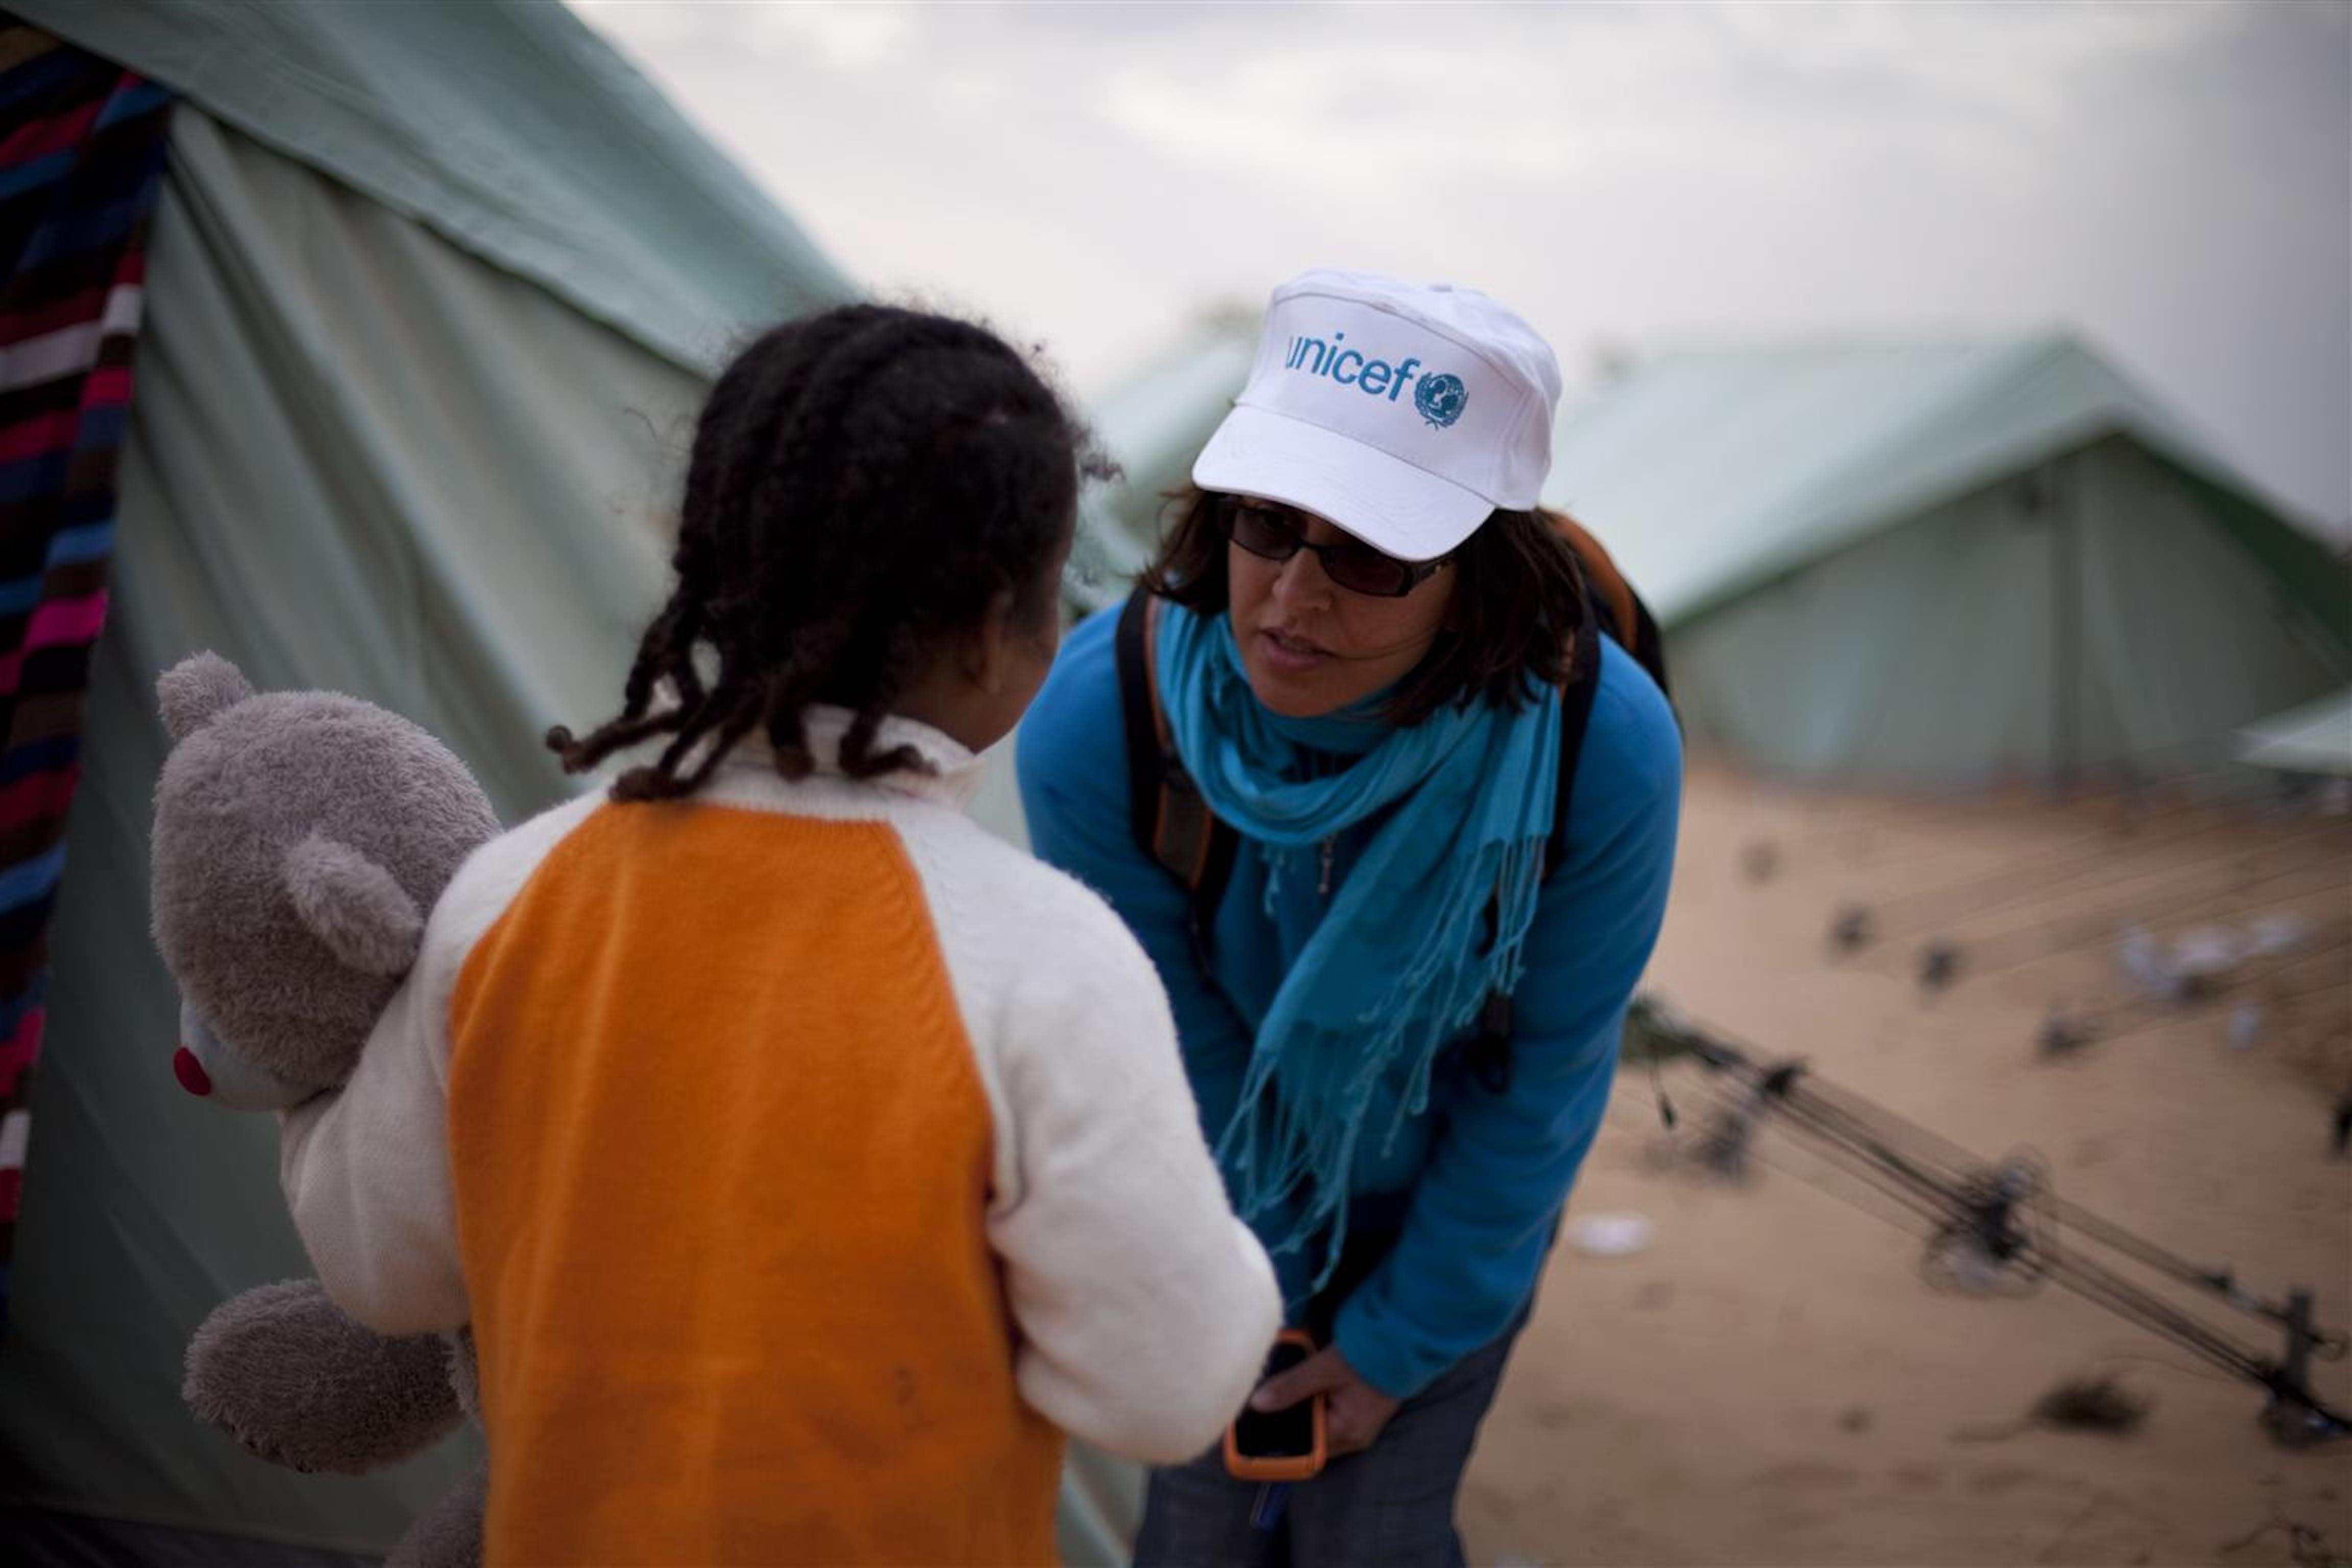 Najwa Mekki, operatrice UNICEF, accanto a Saida (6 anni) in un campo profughi presso il confine tra Libia e Tunisia. Saida, di origine somala, è una rifugiata sin dalla nascita - ©UNICEF/NYHQ2011-0412/Ramoneda